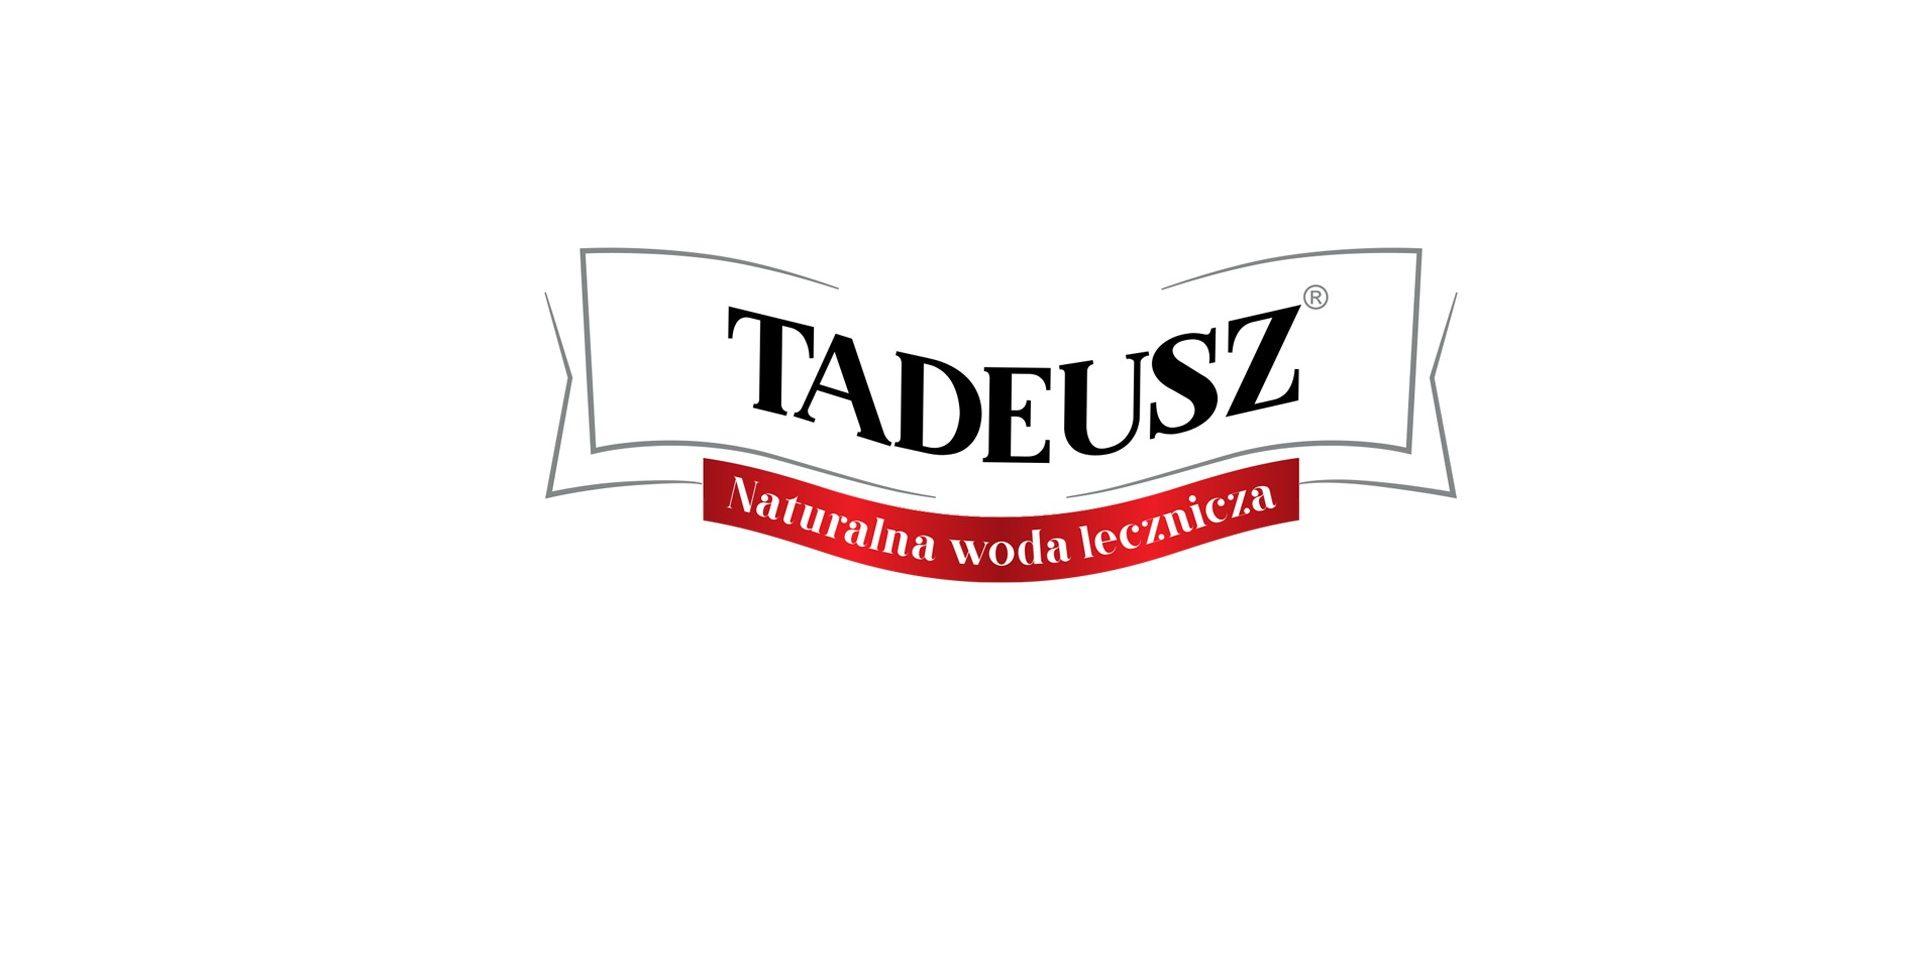 Naturalna Woda Lecznicza Tadeusz